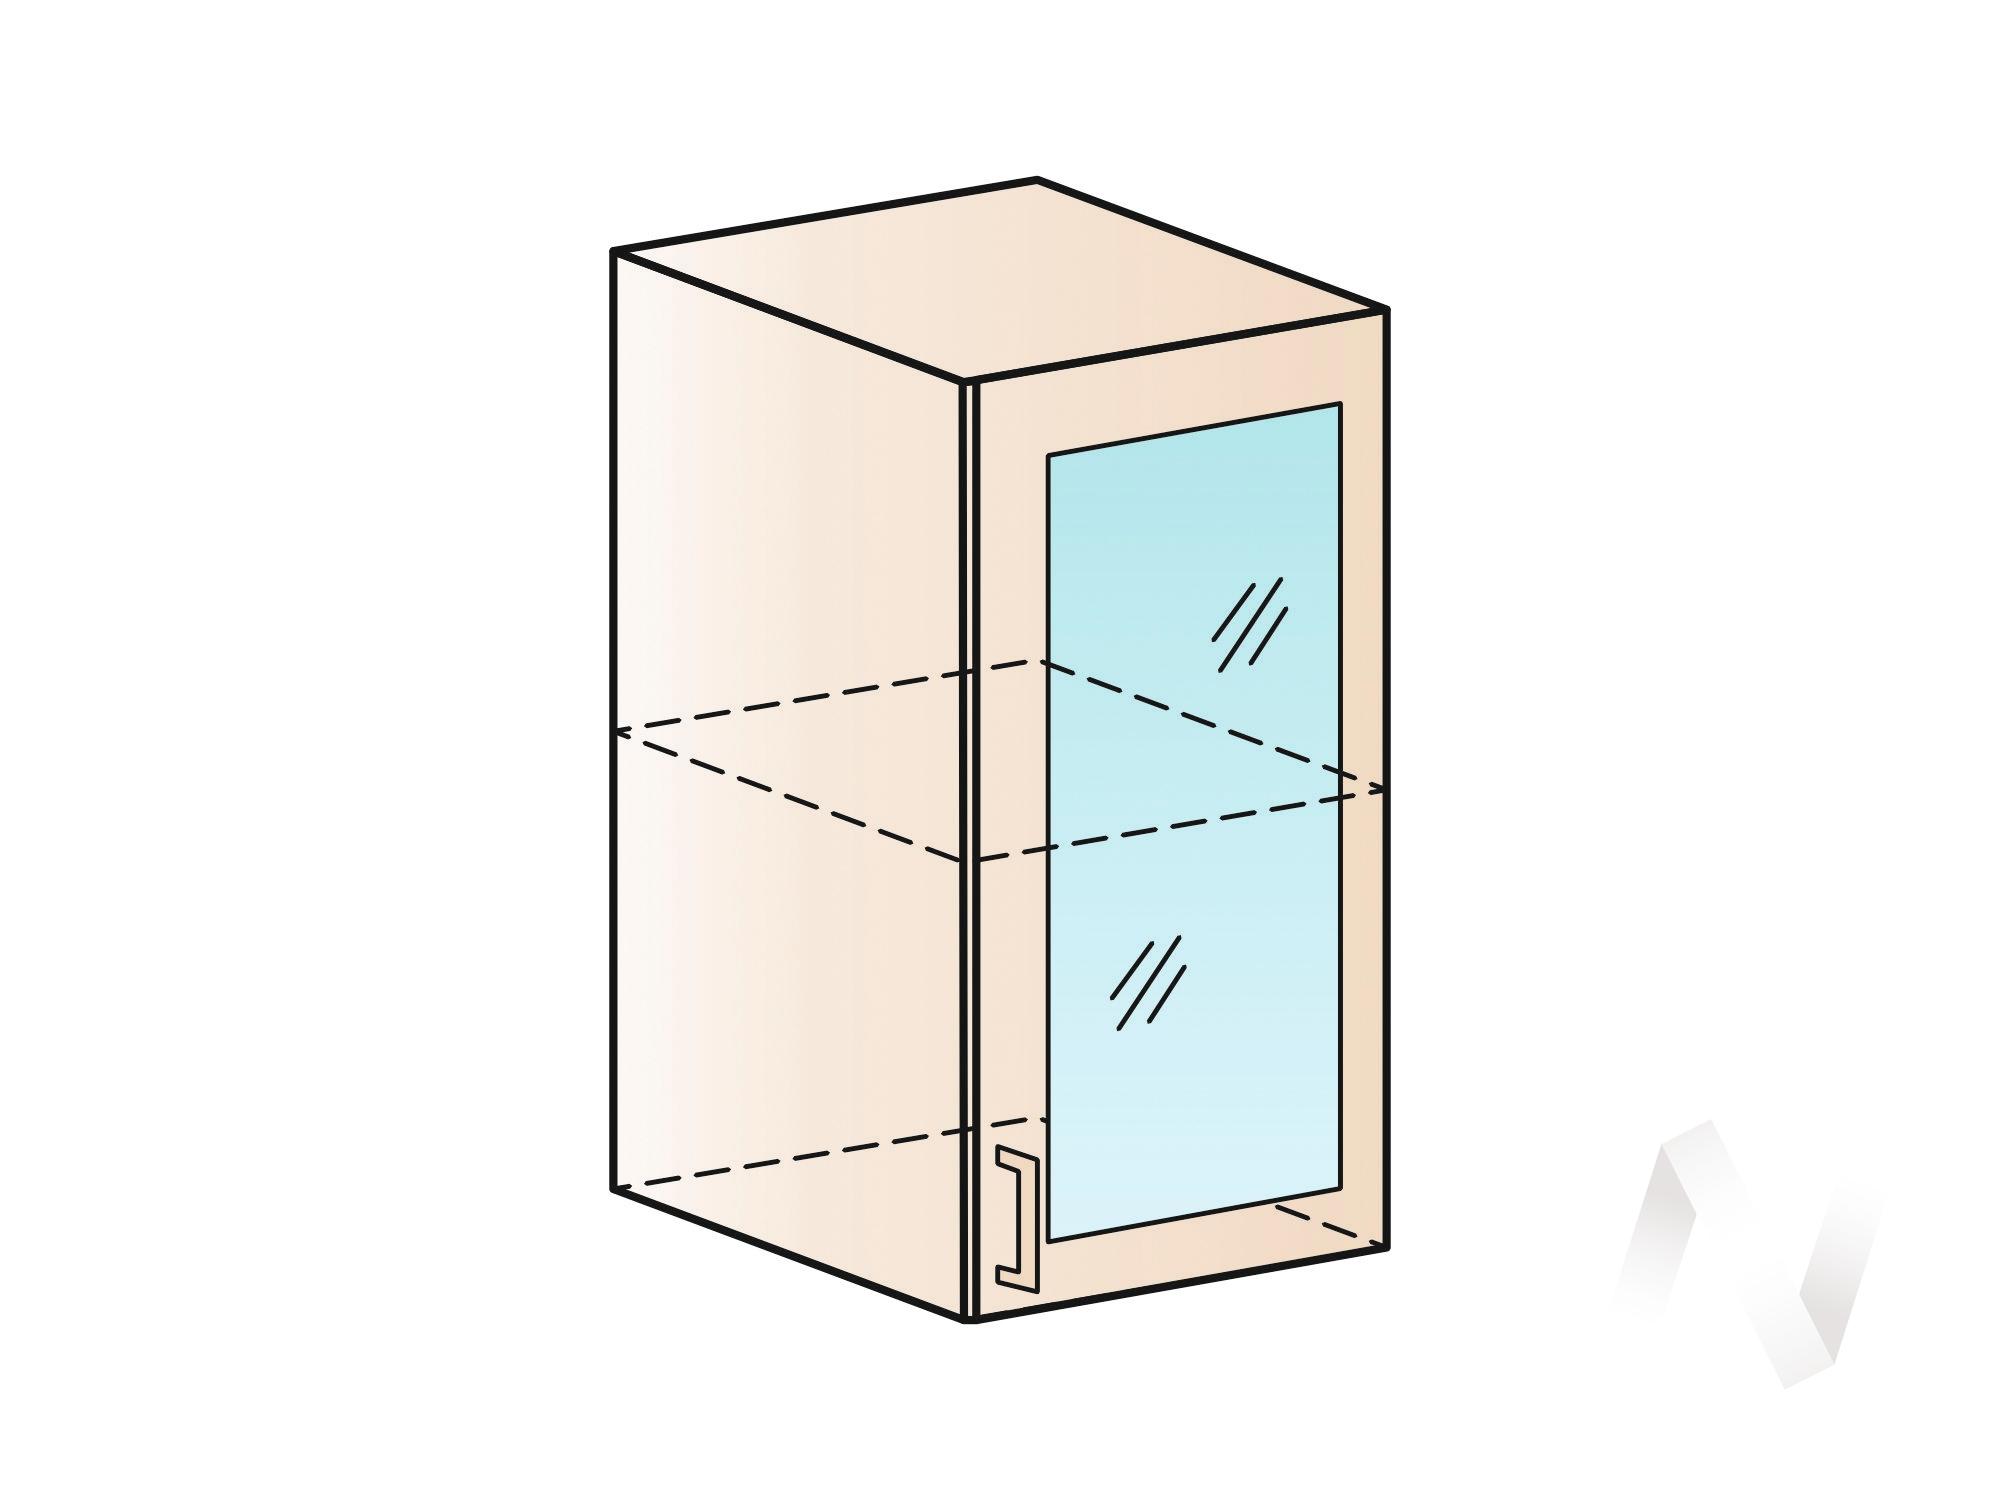 """Кухня """"Вена"""": Шкаф верхний со стеклом 400, ШВС 400 (корпус белый) в Новосибирске в интернет-магазине мебели kuhnya54.ru"""